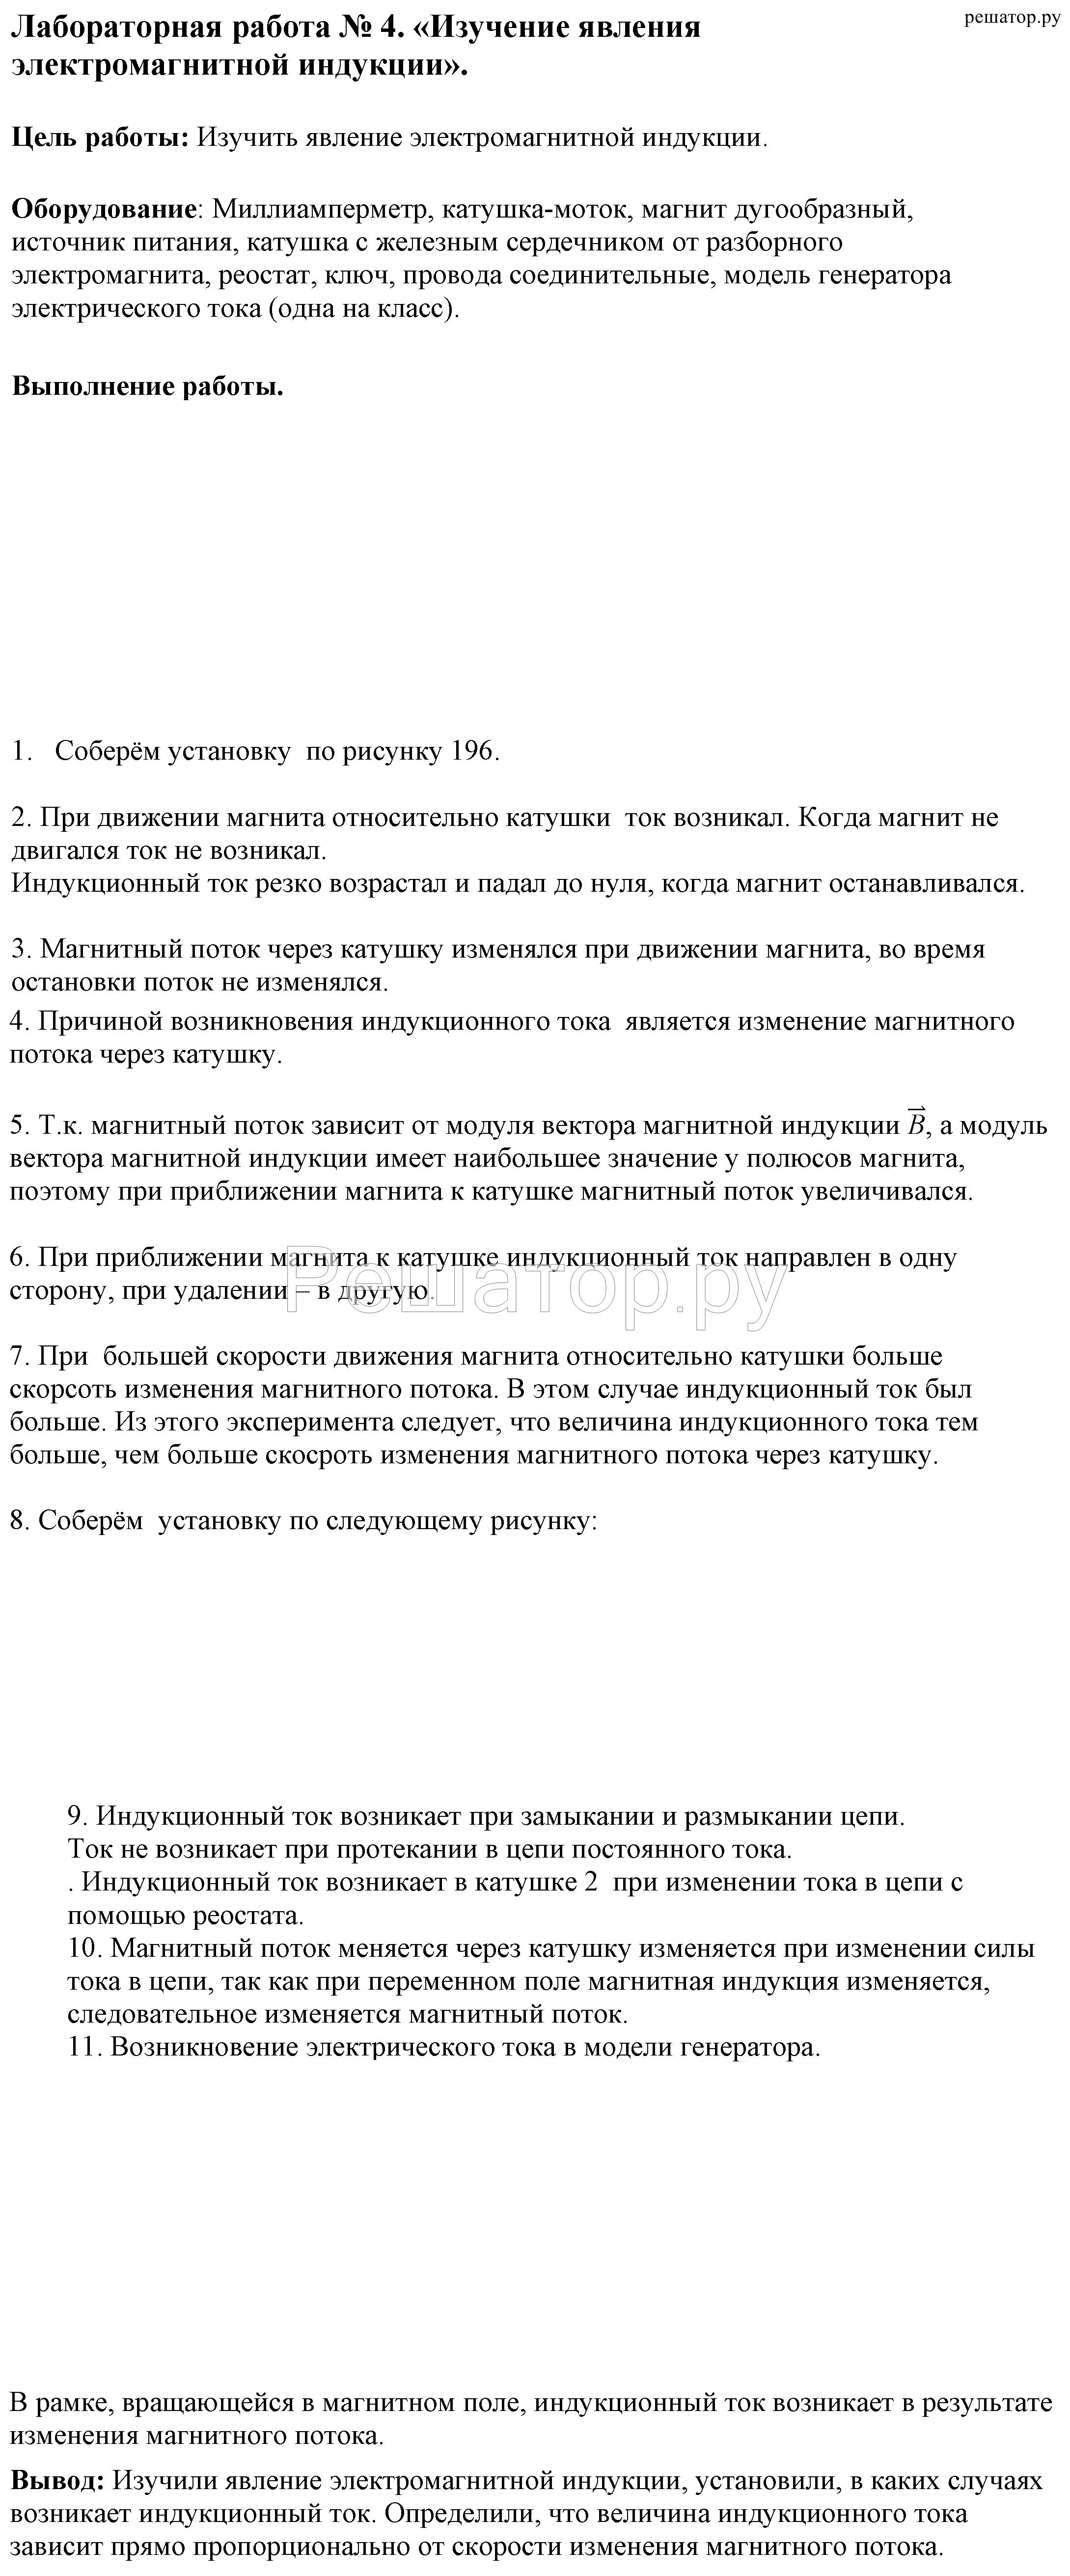 Схема лабораторной работы по физике